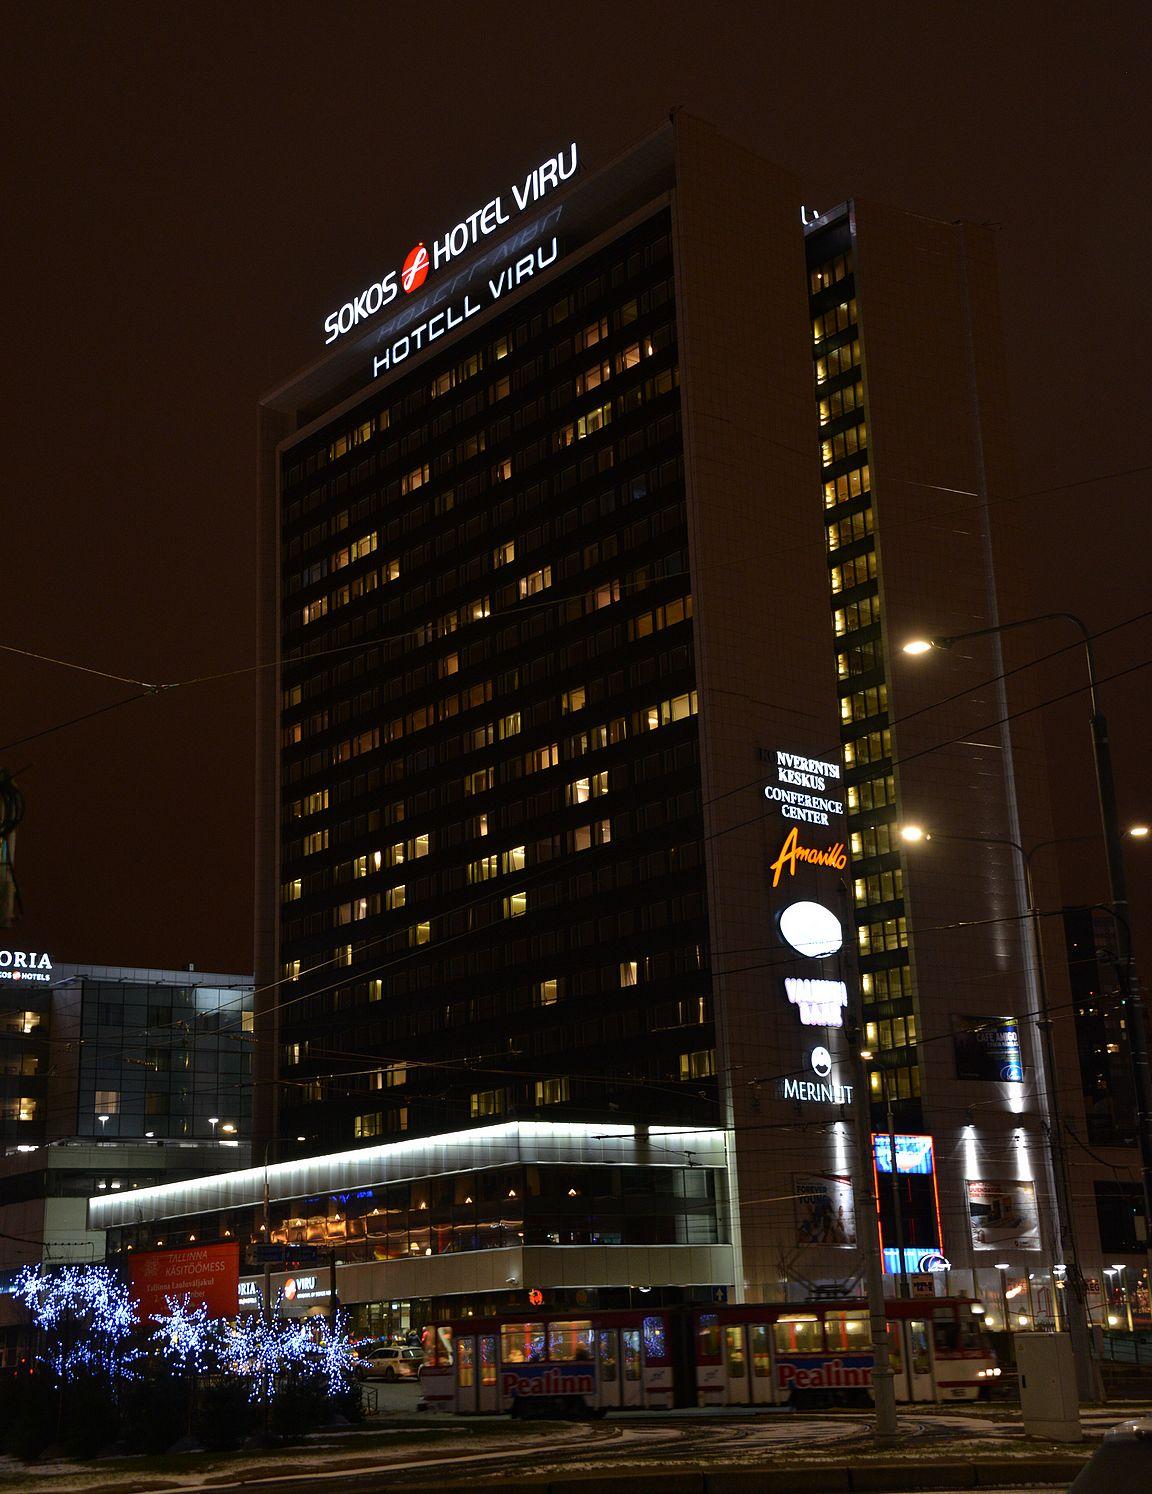 Viru-hotelli on edelleen tänä päivänäkin Tallinnan maamerkki. KGB:n käytössä ollut huone sijaitsee 23. kerroksessa Hotell Viru -kyltin takana.